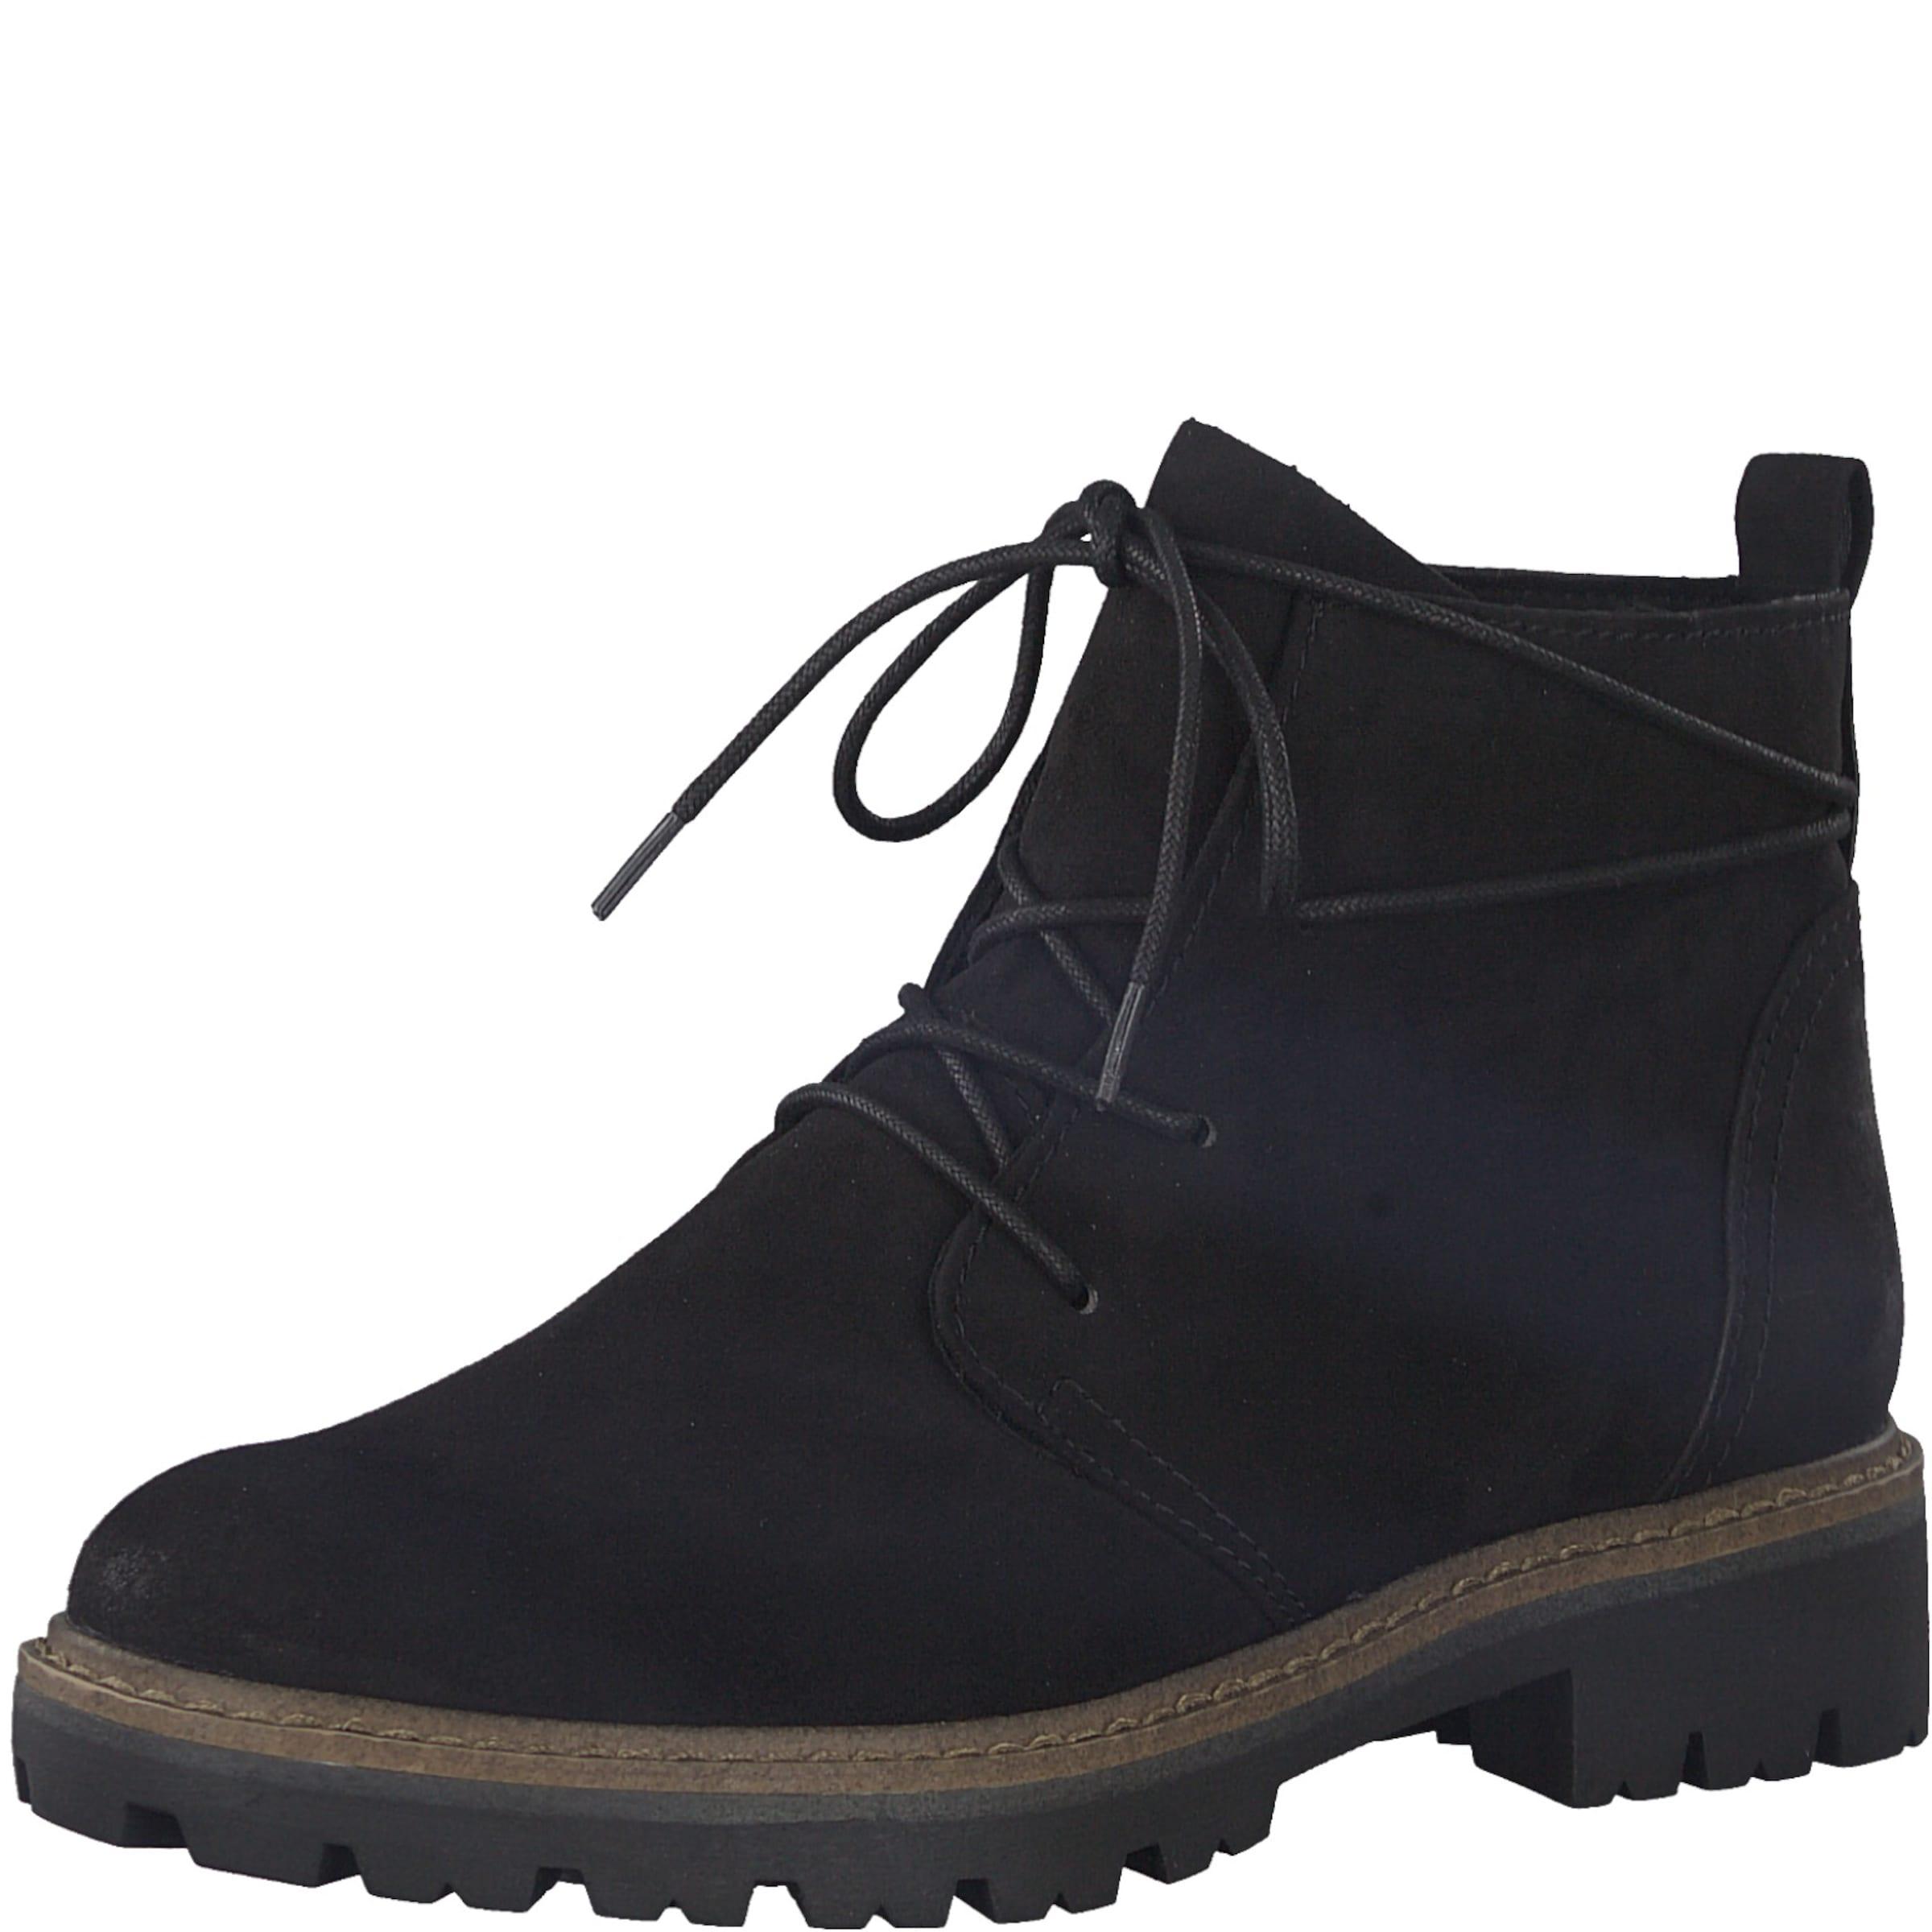 MARCO TOZZI Schnürstiefelette Günstige und langlebige Schuhe